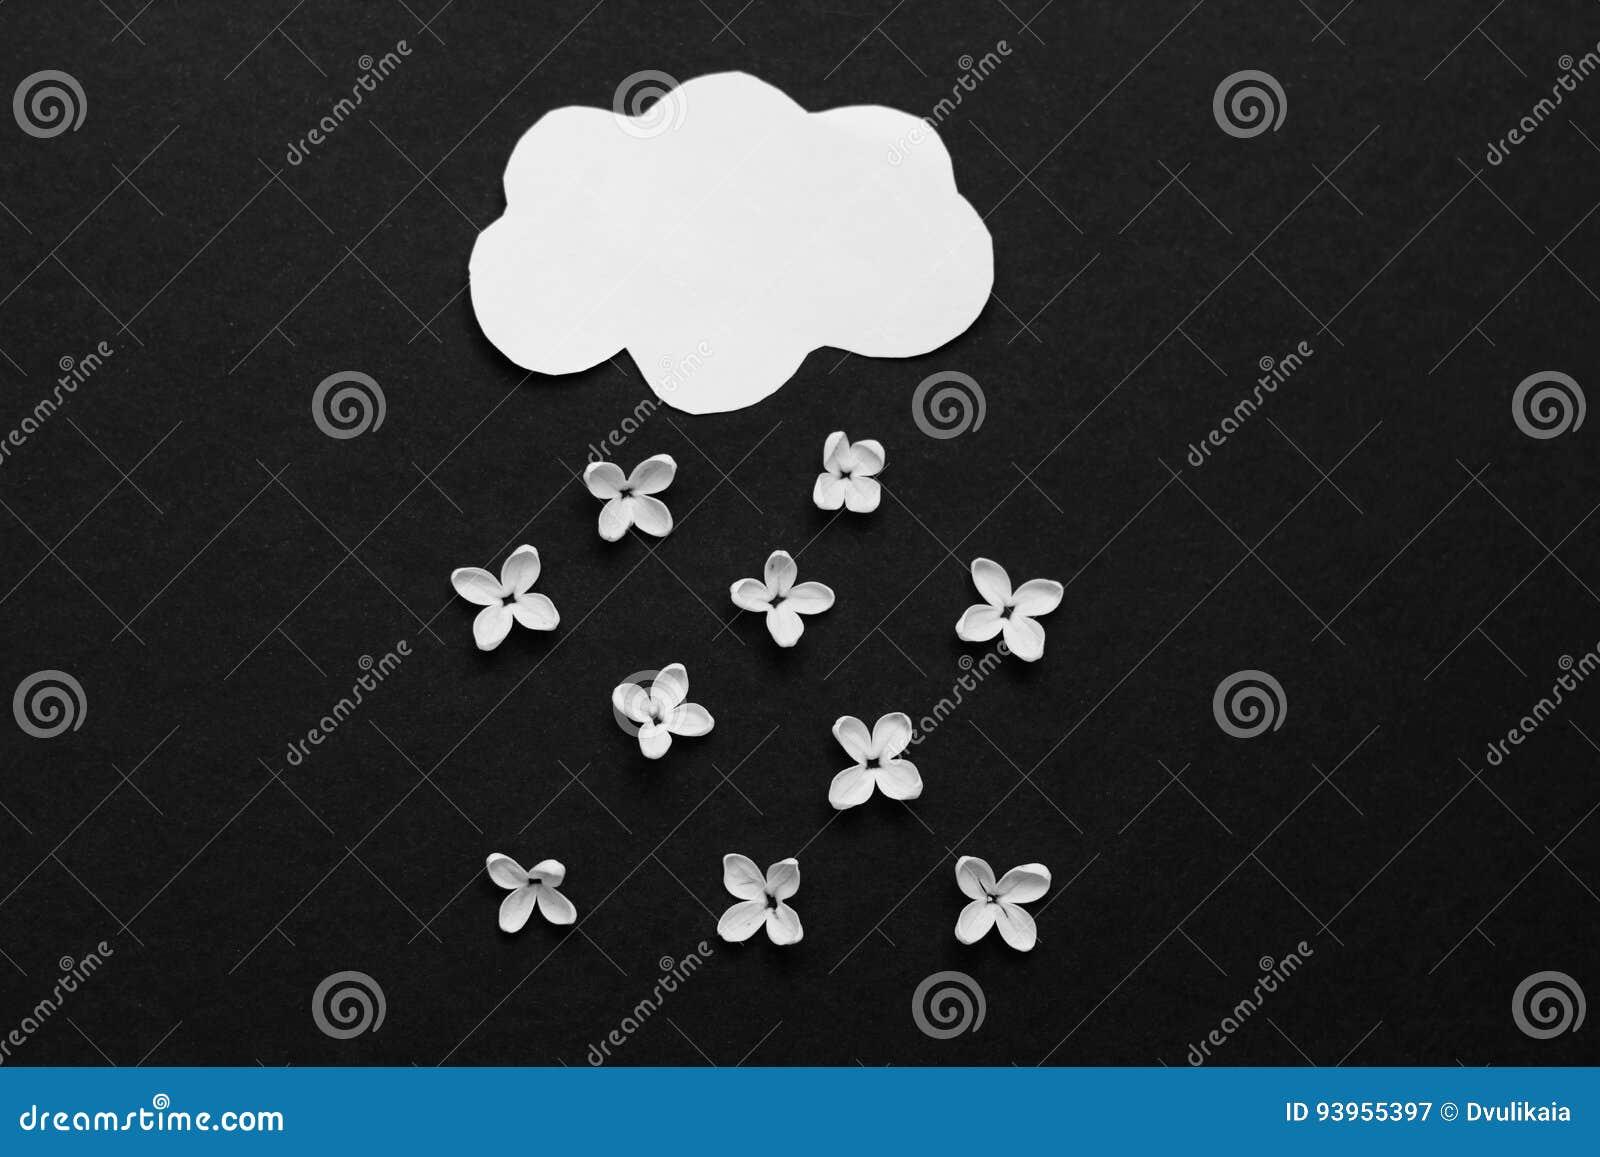 Fiori Bianchi Nuvola.Nuvola E Pioggia Di Carta Dei Fiori Bianchi Del Lilla Immagine